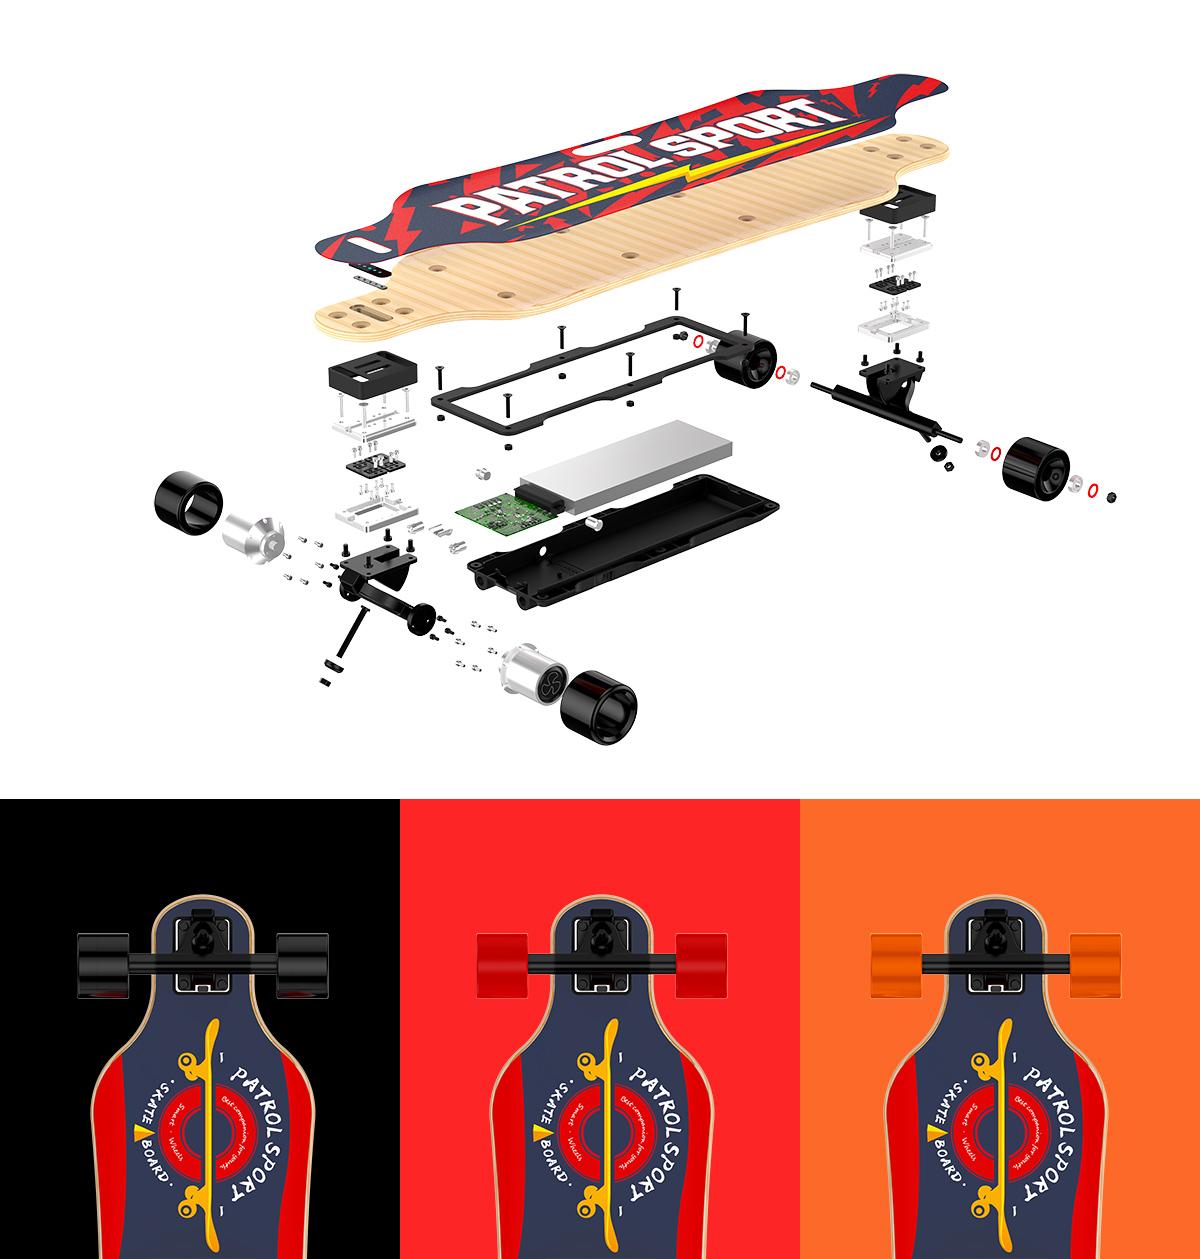 电动滑板_09.jpg